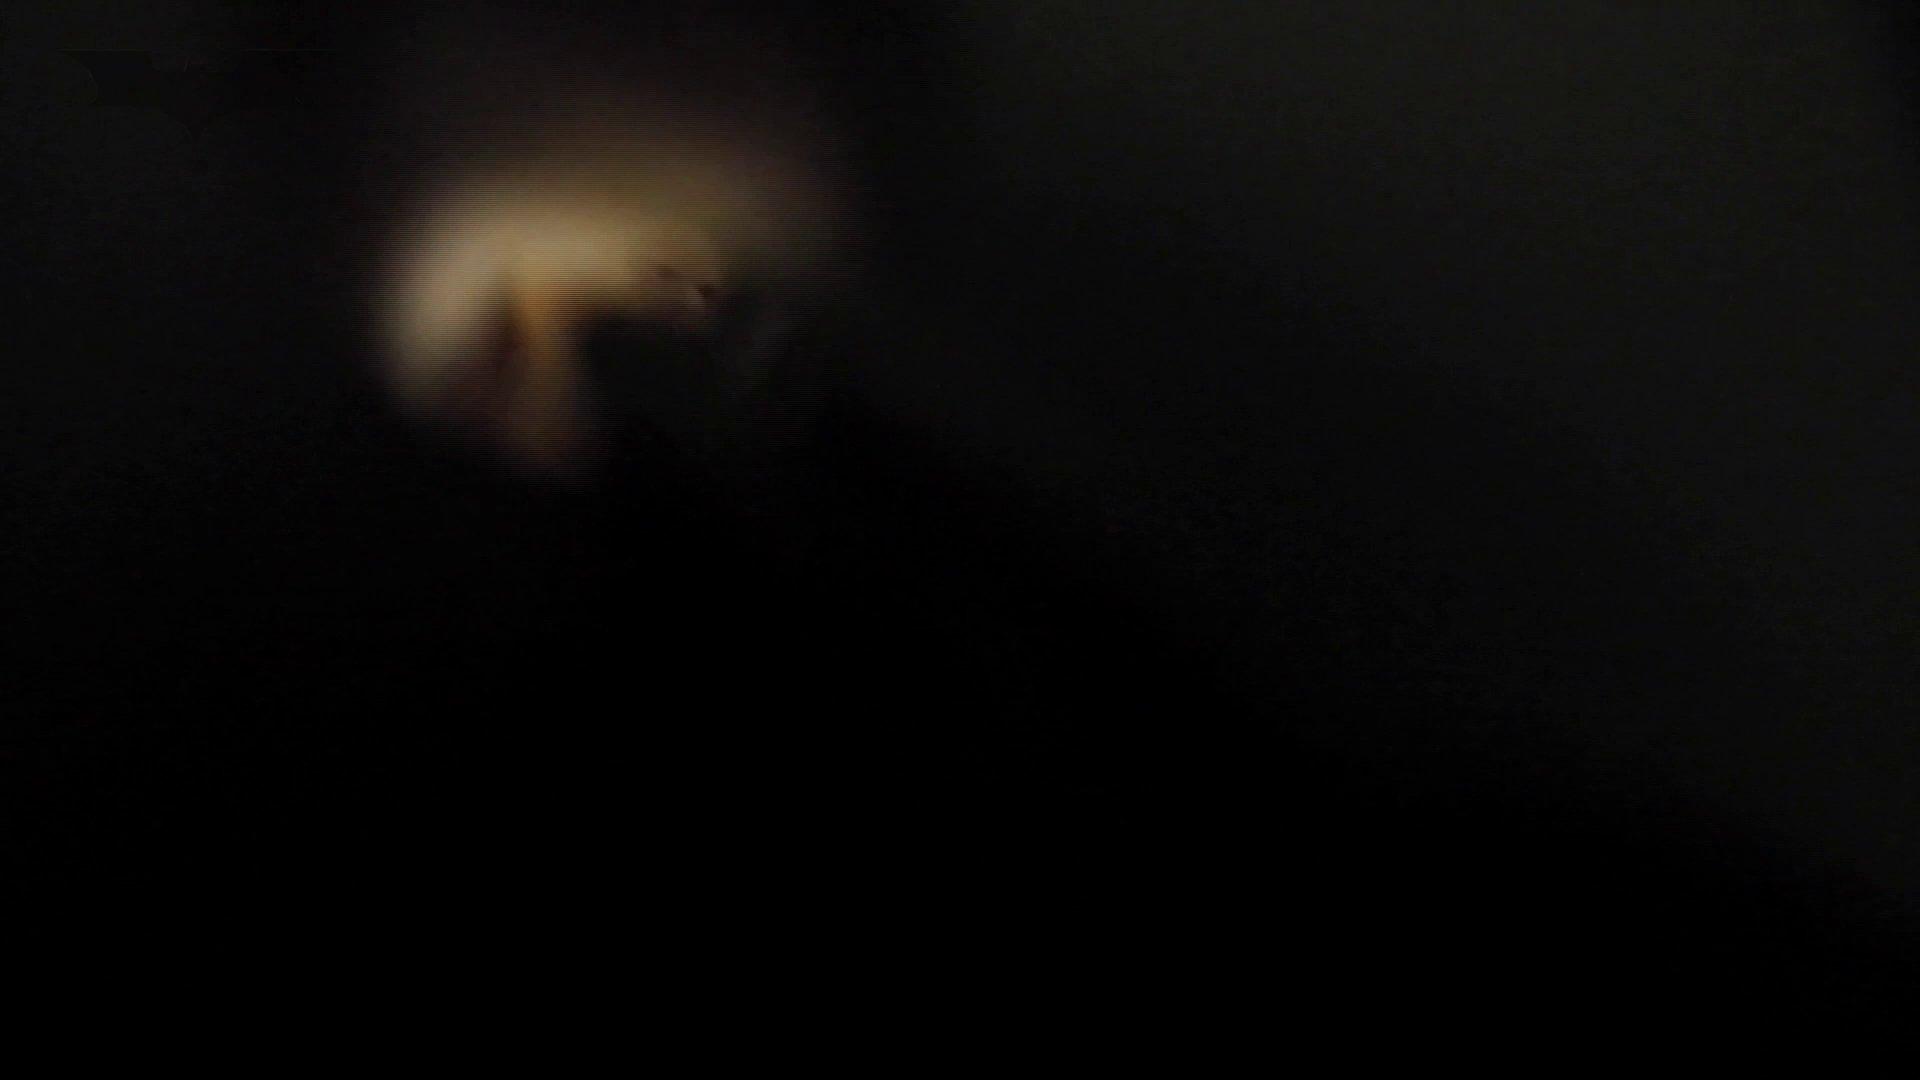 エッチ 熟女|ステーション編 vol52 我慢して個室に入ったら。||:-)!!|怪盗ジョーカー